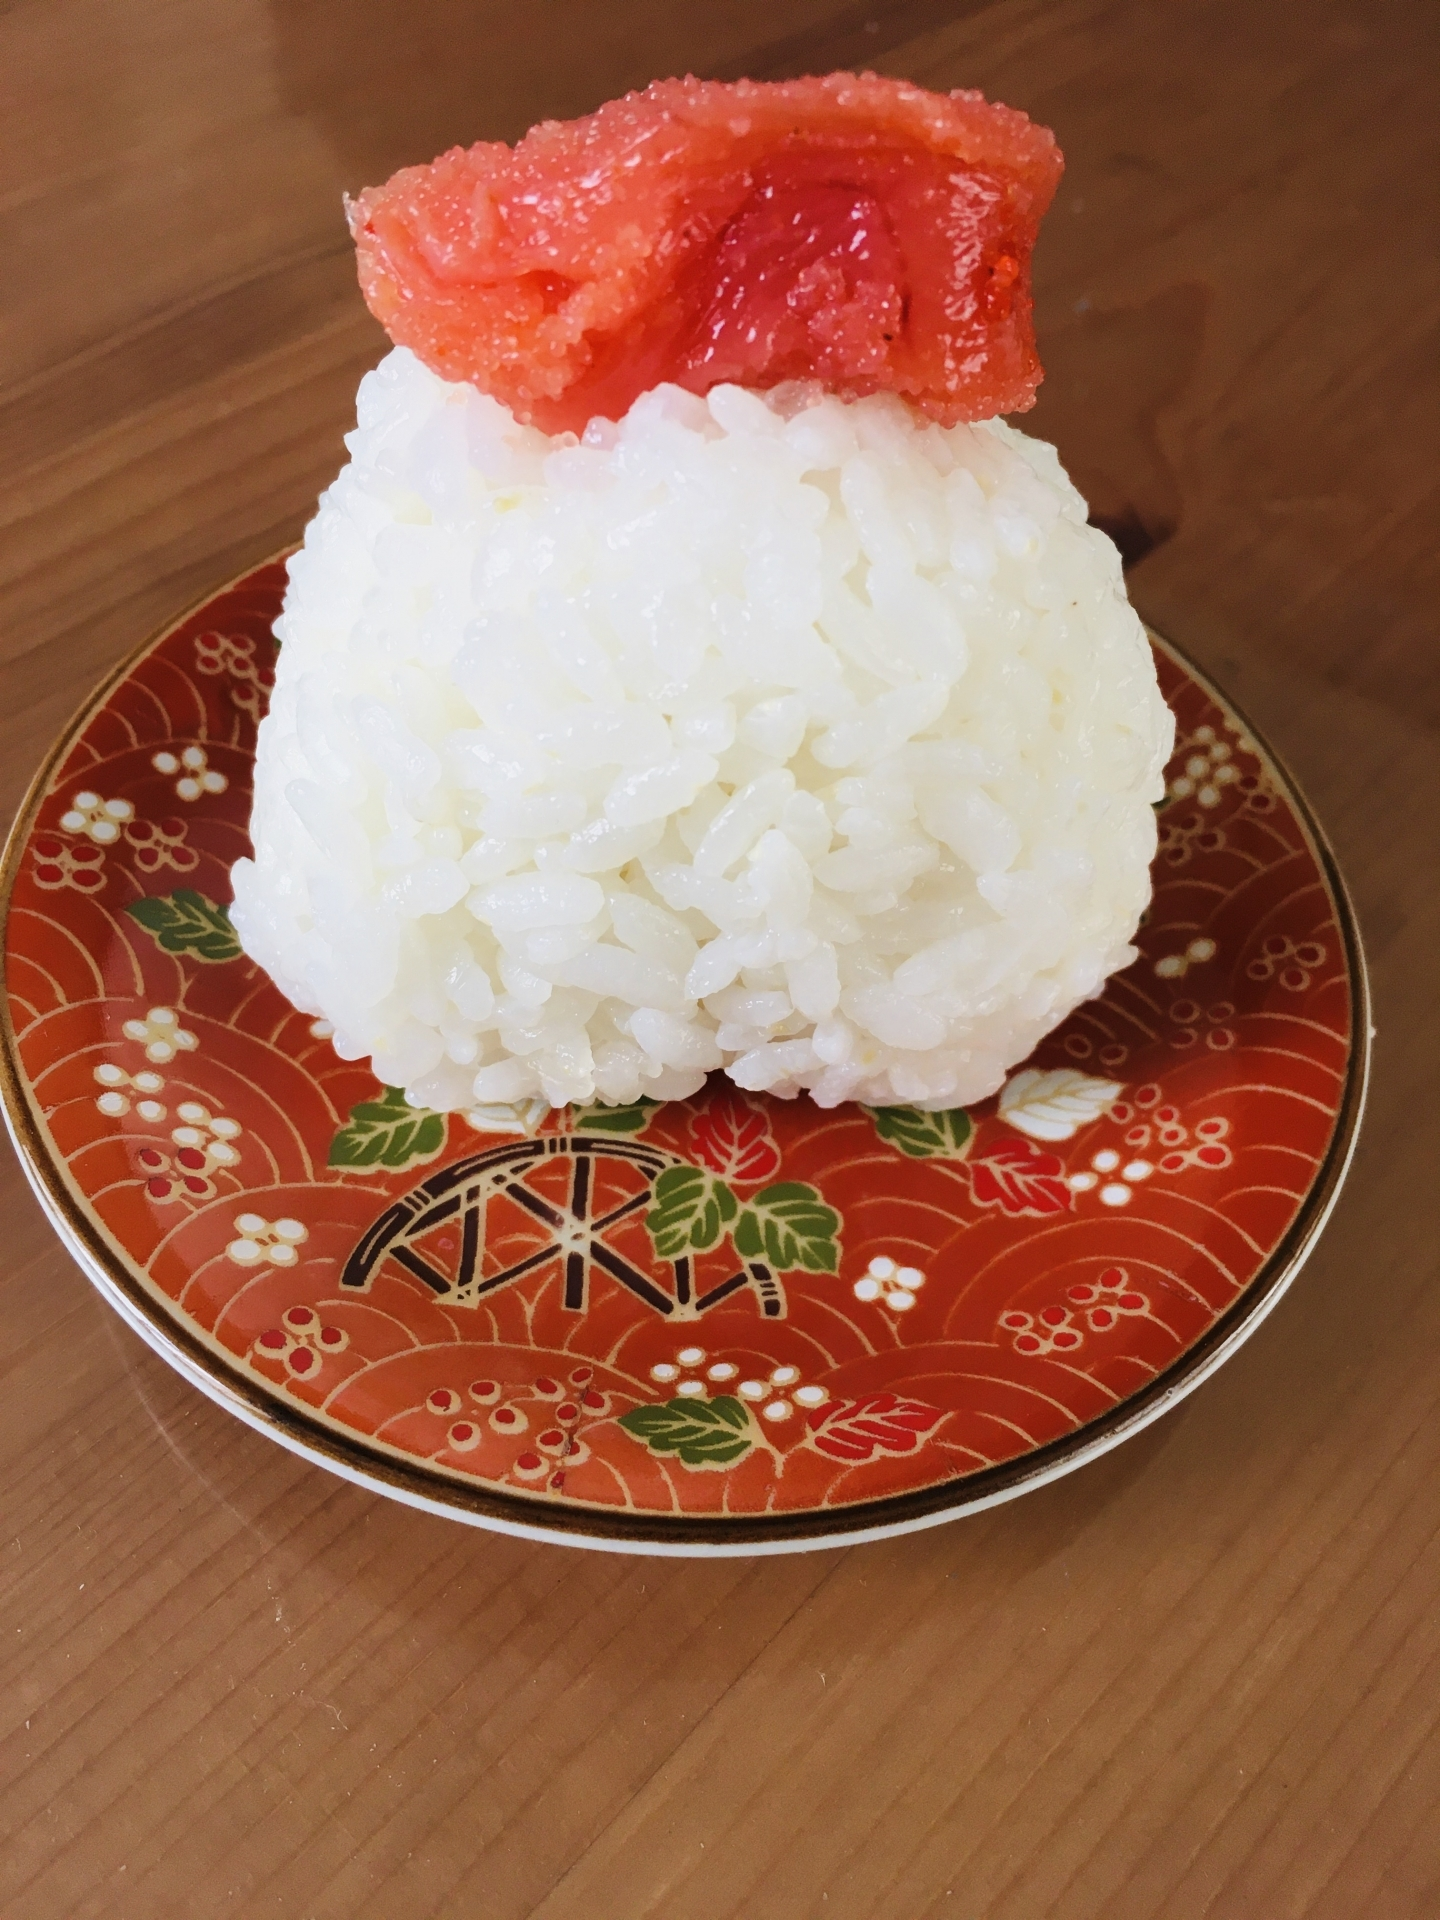 【訳あり!特価放出!】704 冷凍辛子明太子 訳あり・切れ子 業務用 300g 597円(税込)